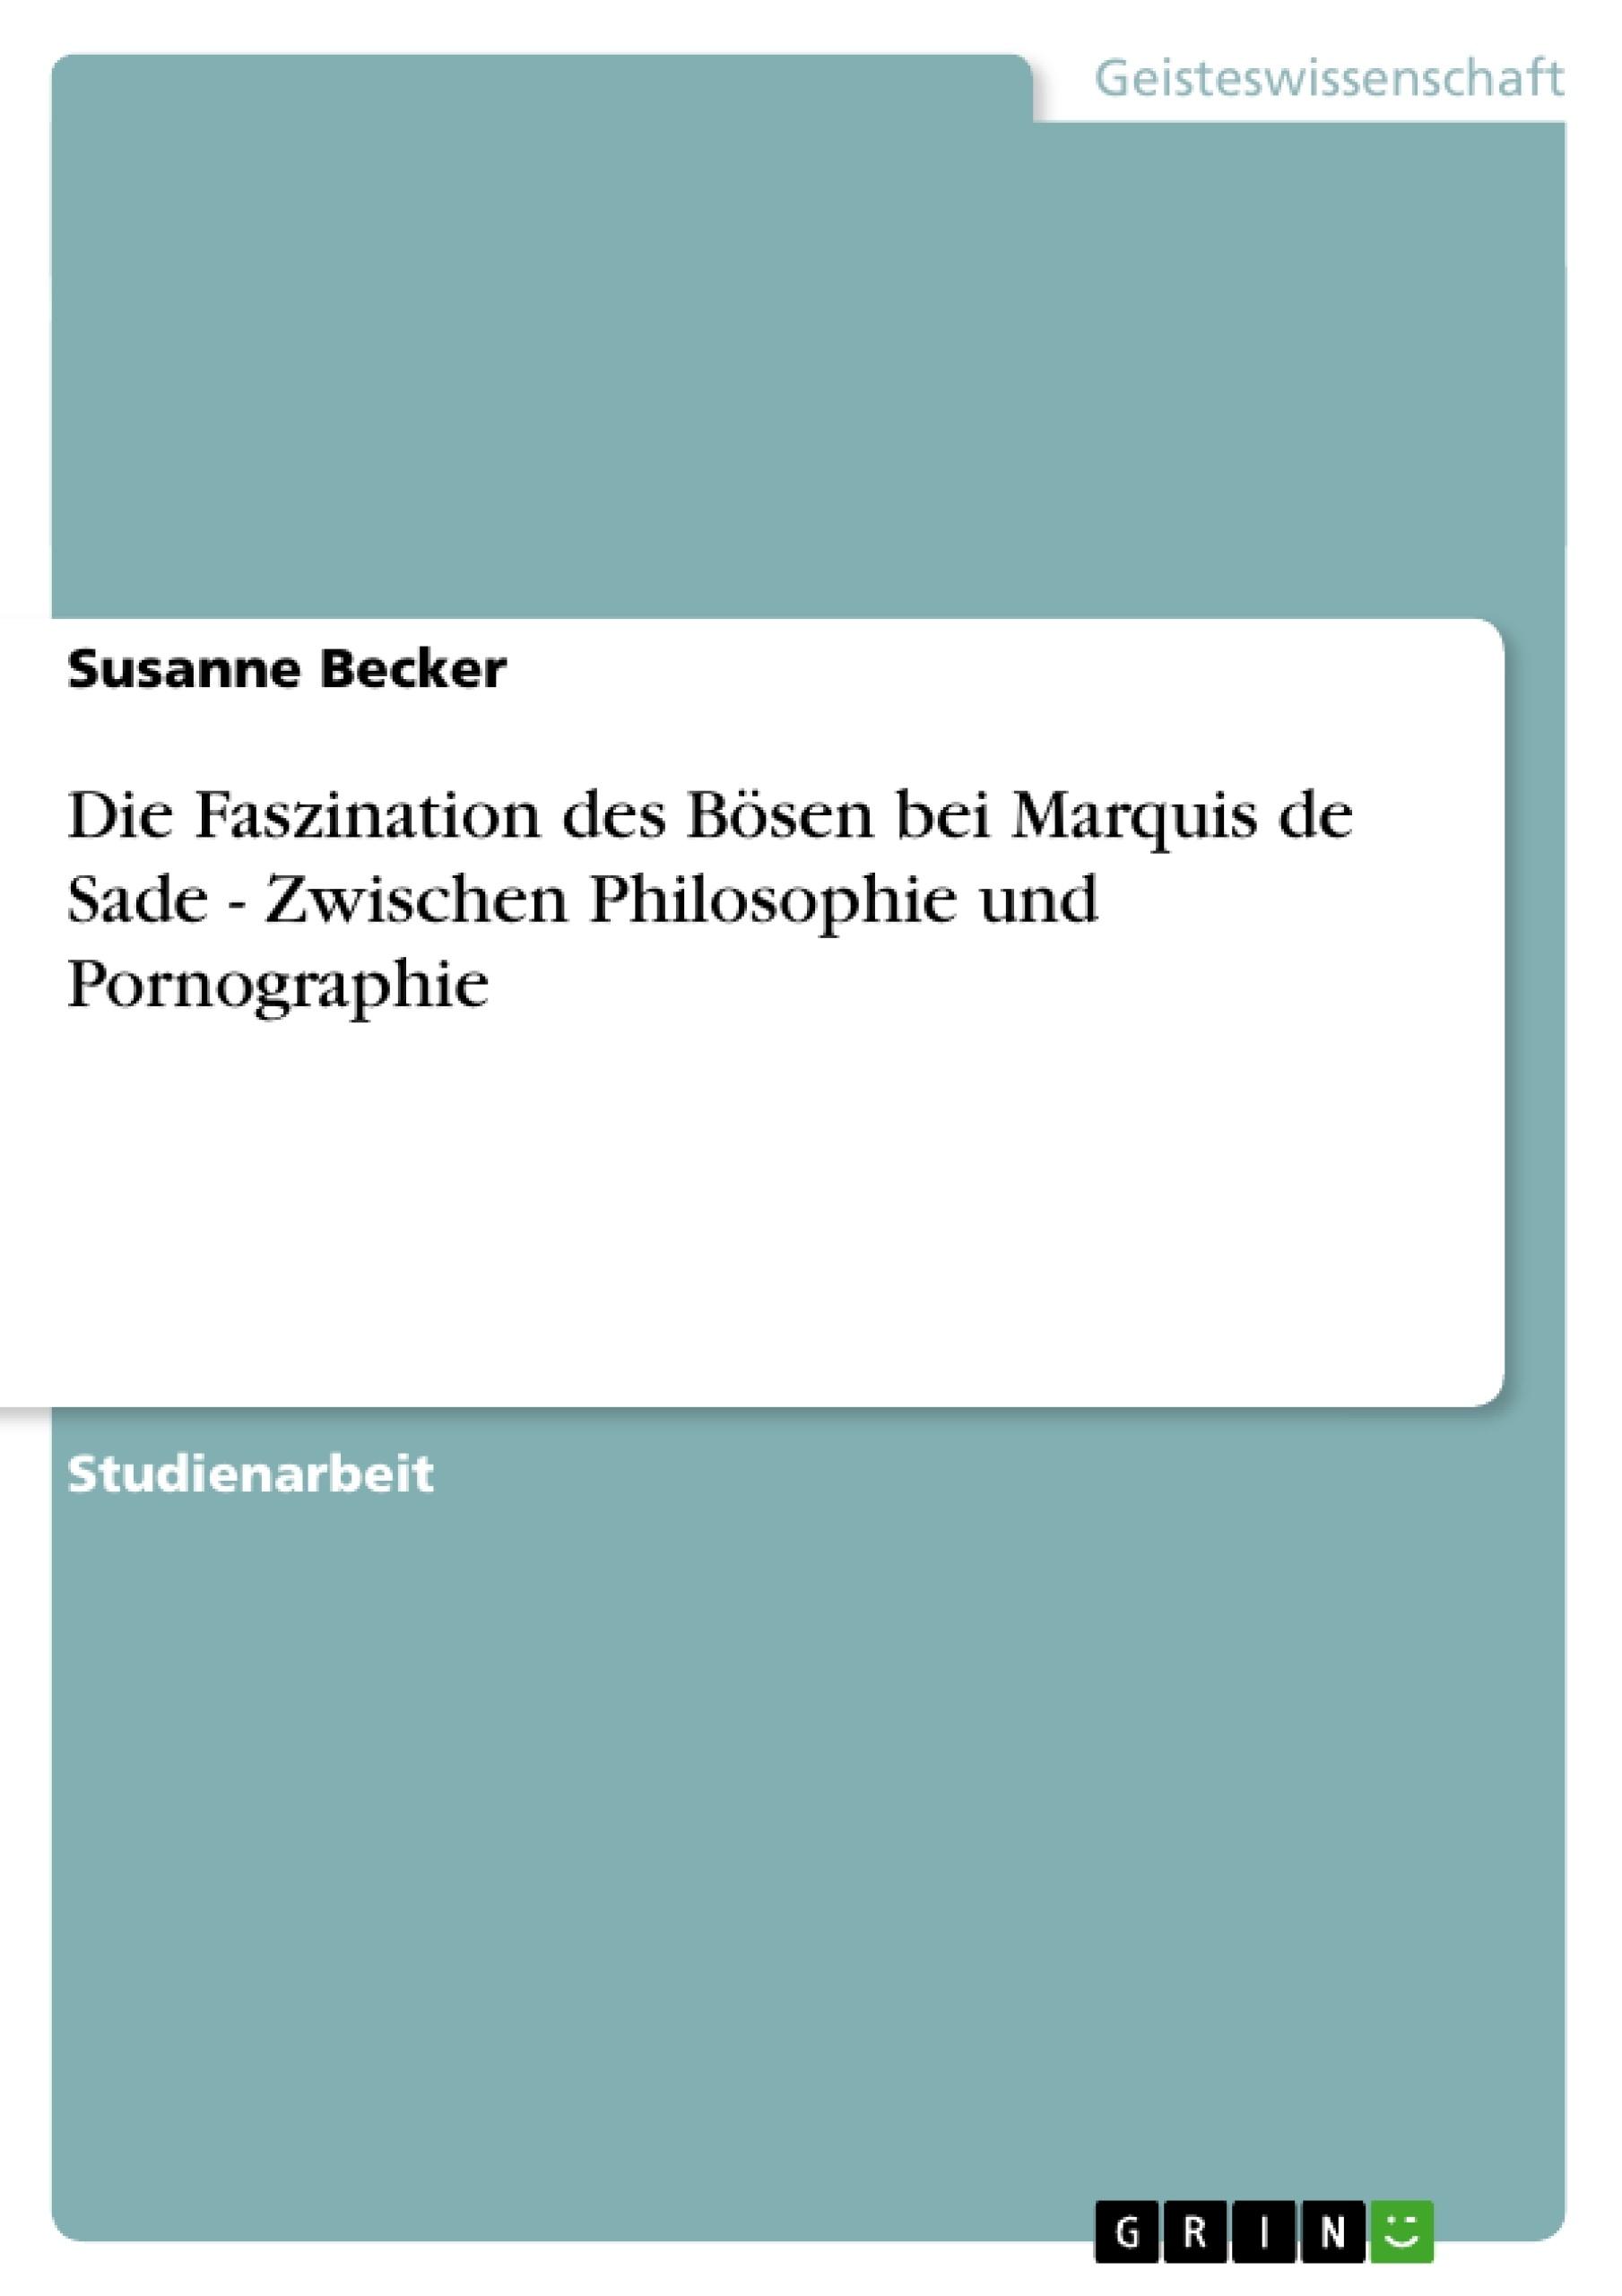 Titel: Die Faszination des Bösen bei Marquis de Sade - Zwischen Philosophie und Pornographie